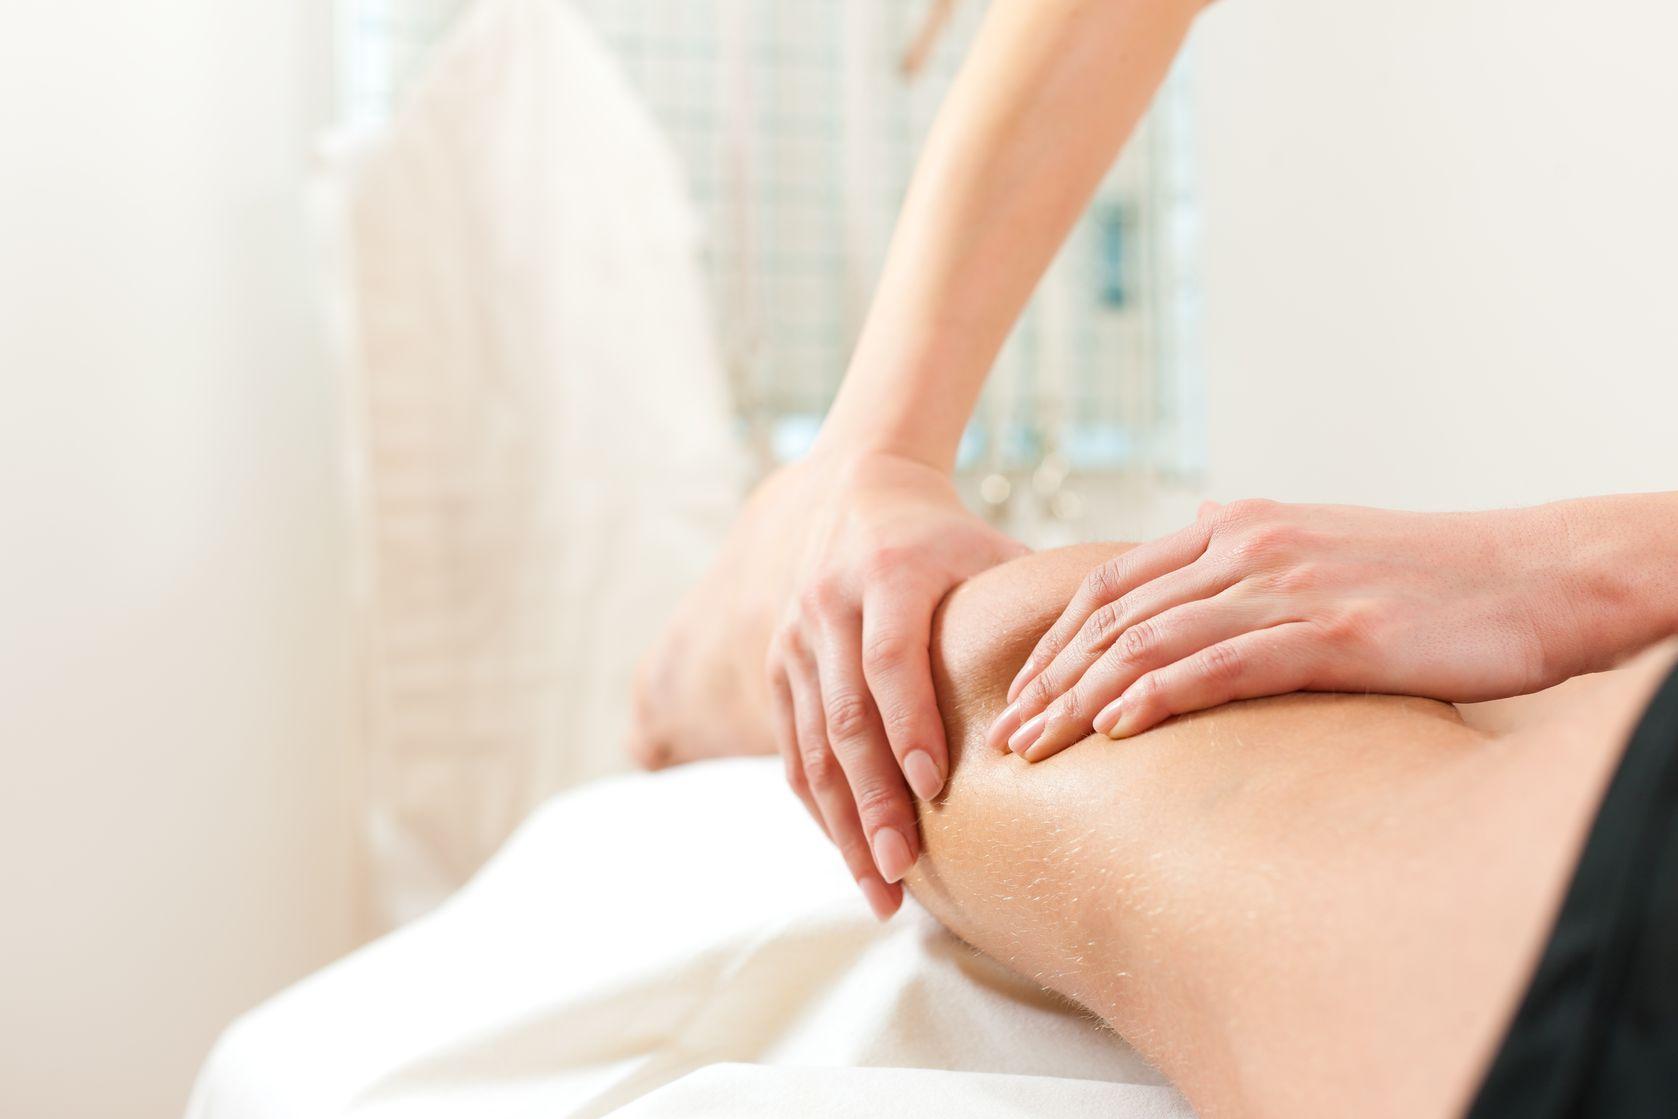 linfodrenaggio-massaggio-linfodrenante